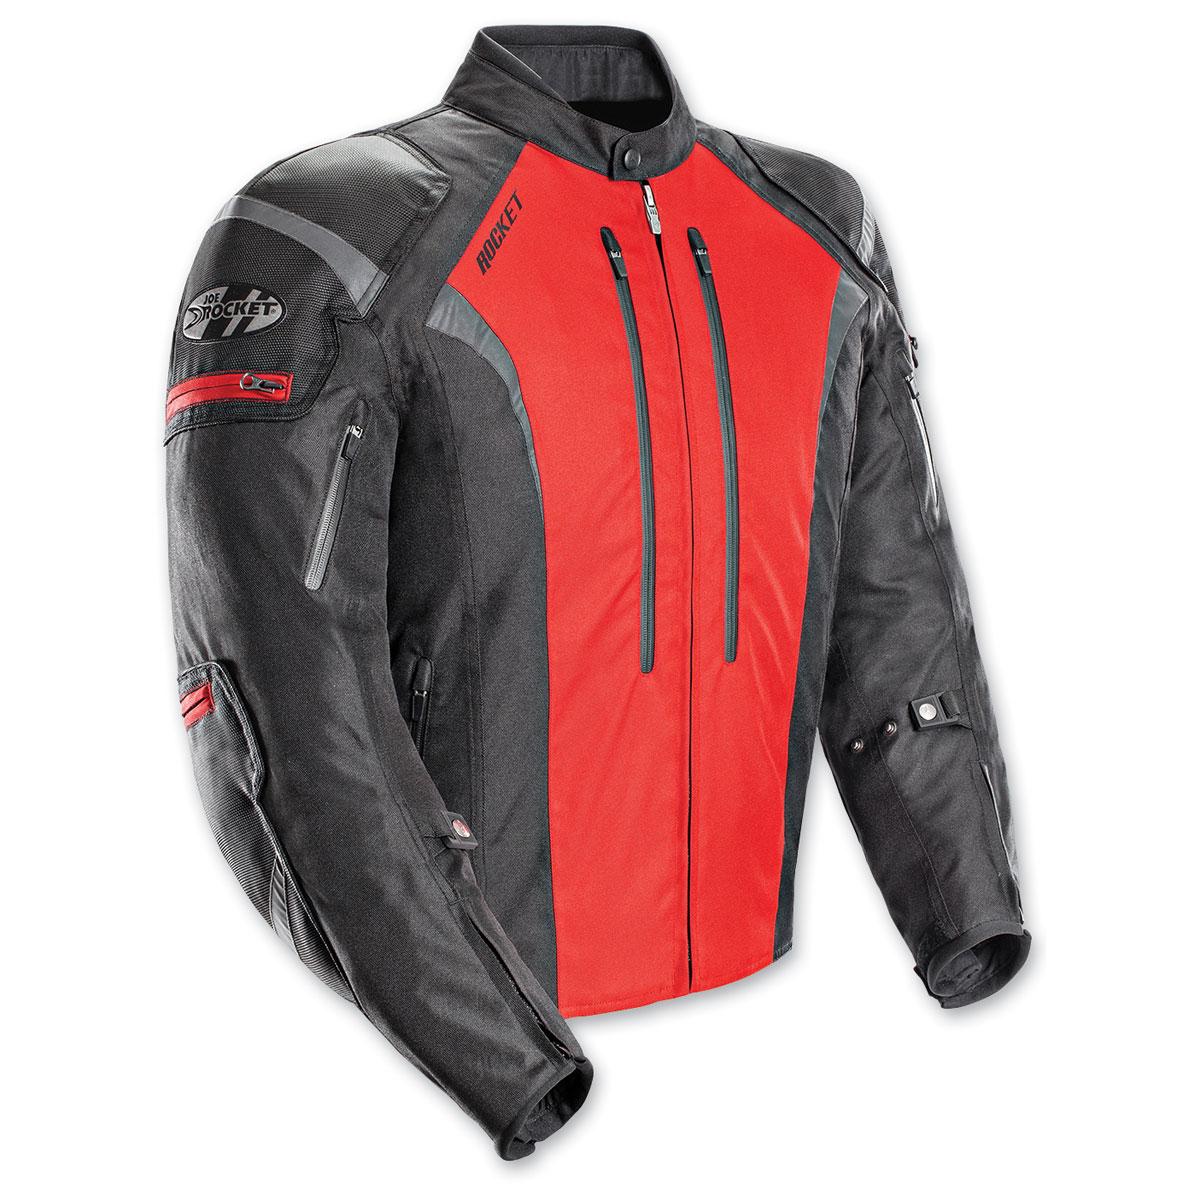 Joe Rocket Men's Atomic 5.0 Red Jacket